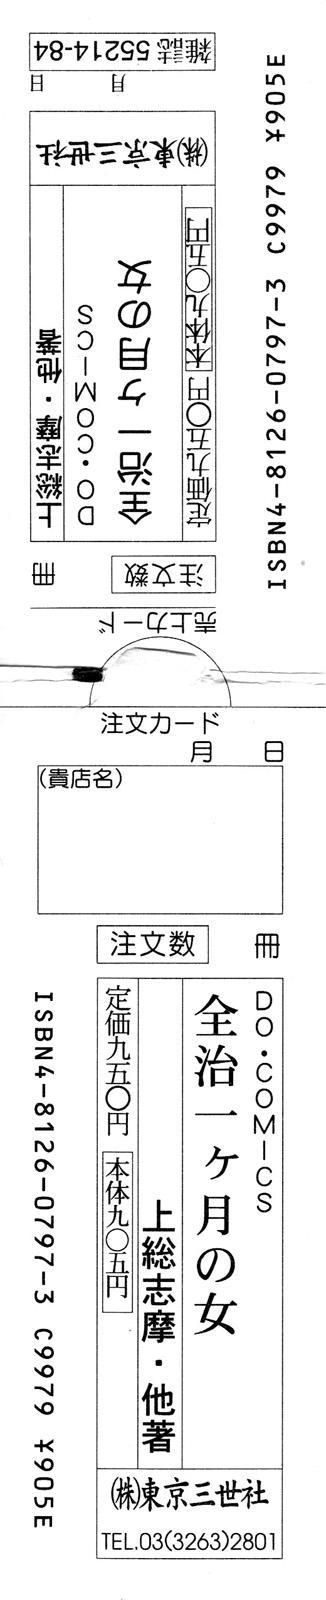 Zenchi Ikkagetsu no Onna 2